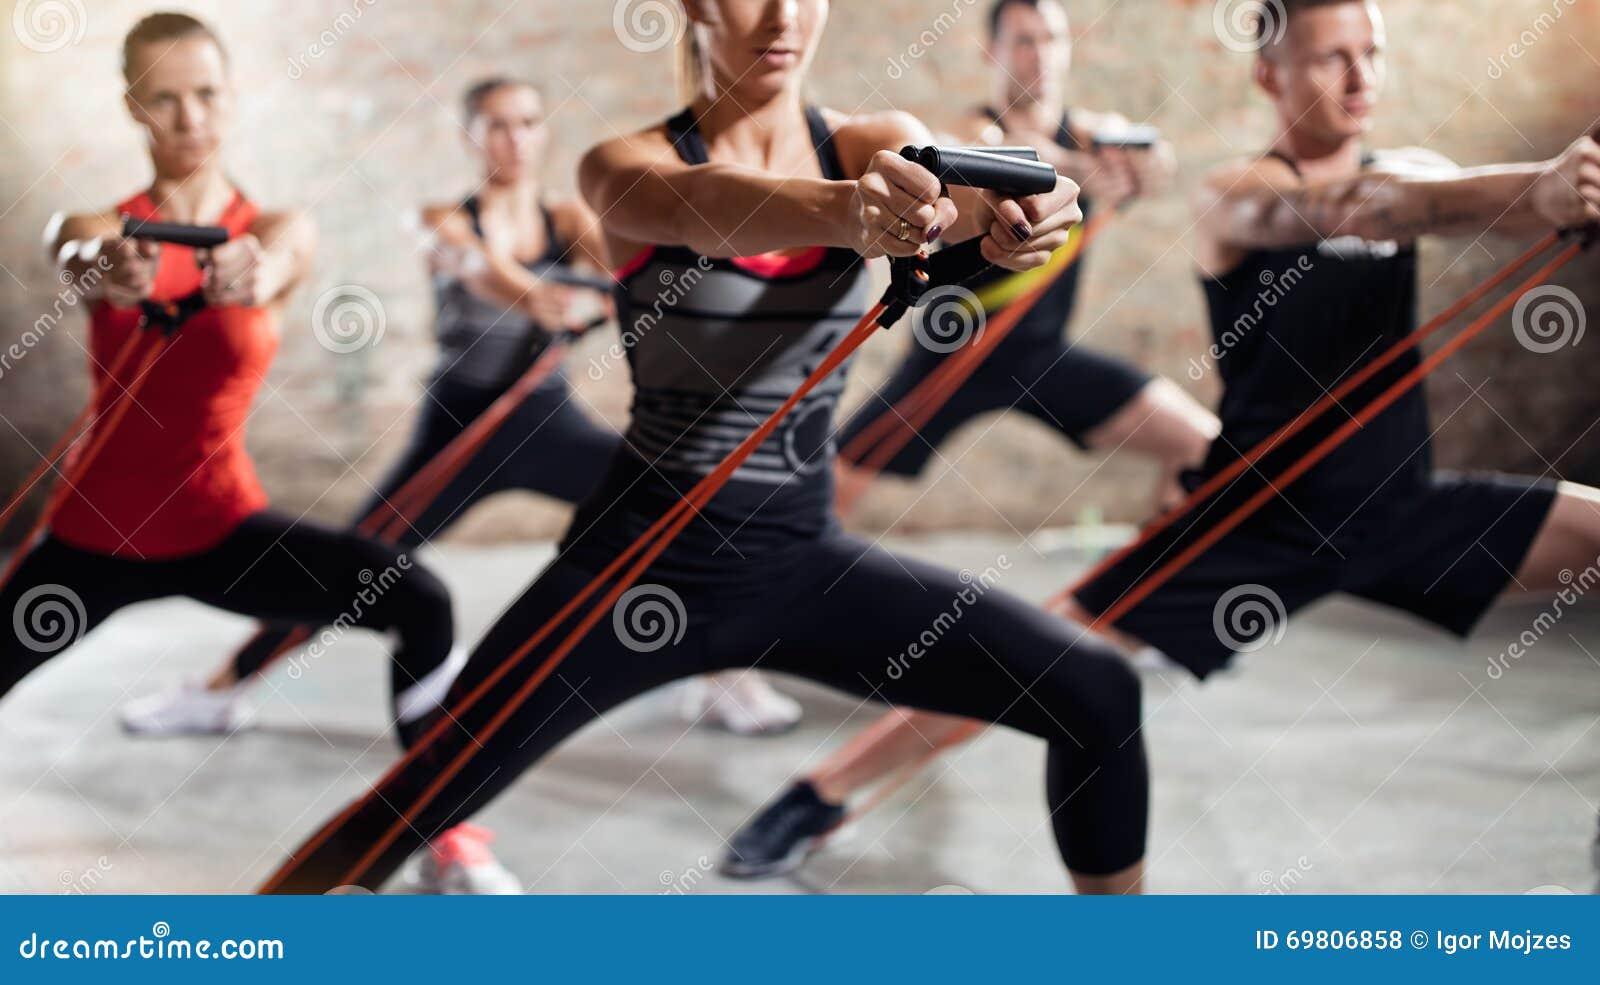 Άνθρωποι στην κατηγορία άσκησης